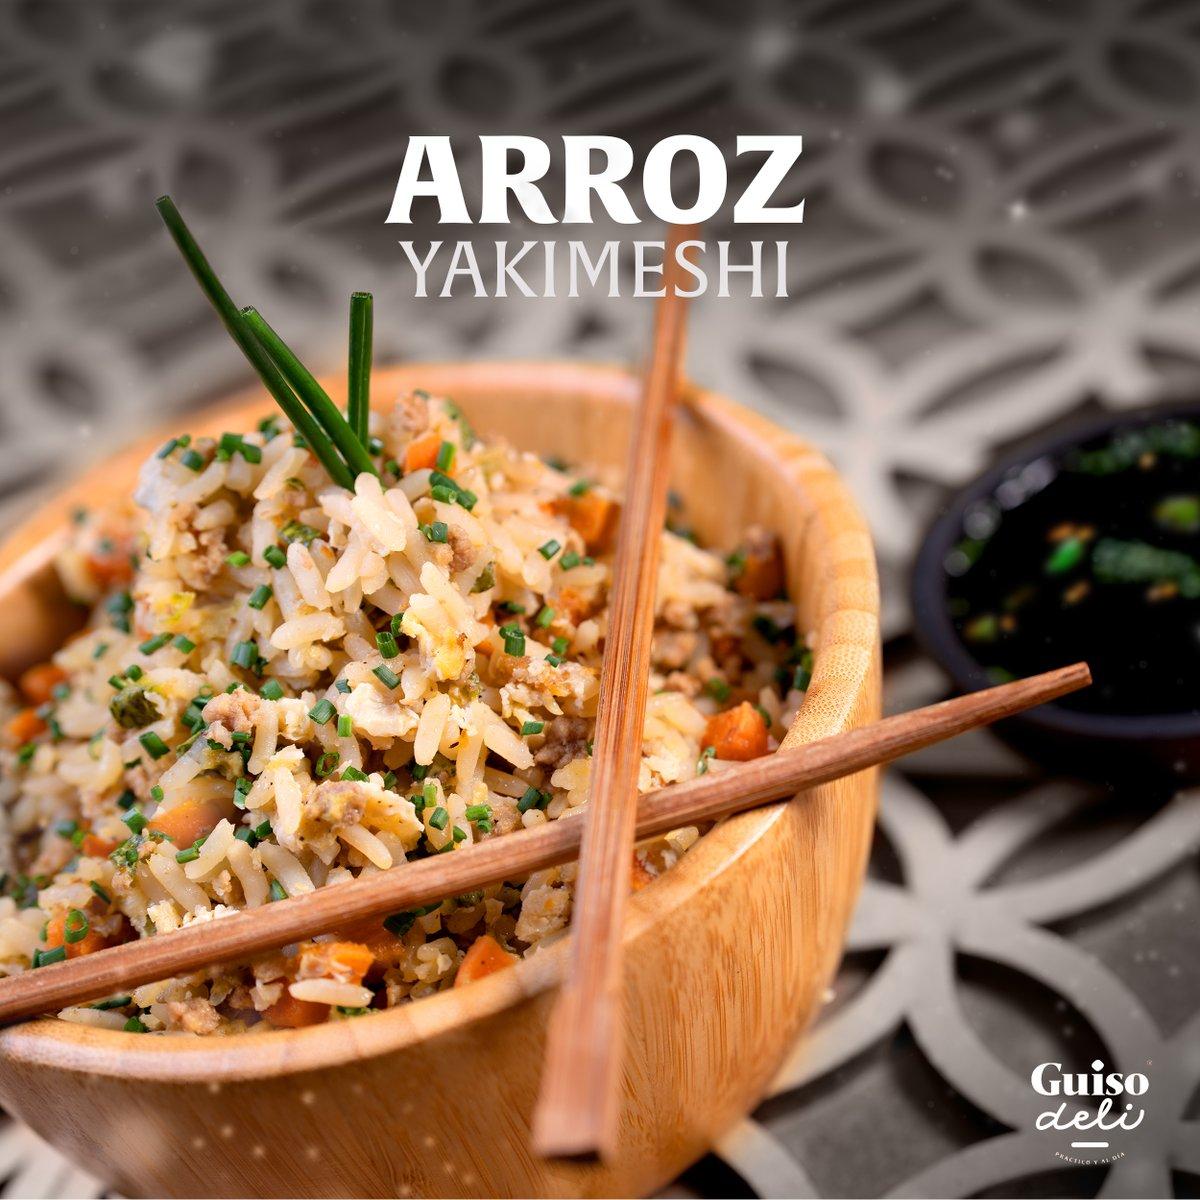 Preparado al estilo japonés, con el toque mexicano único de #GuisoDeli. Estamos seguros que nuestro #ArrozYakimeshi ¡te encantará!  #Foodie #InstaFood #Delicious